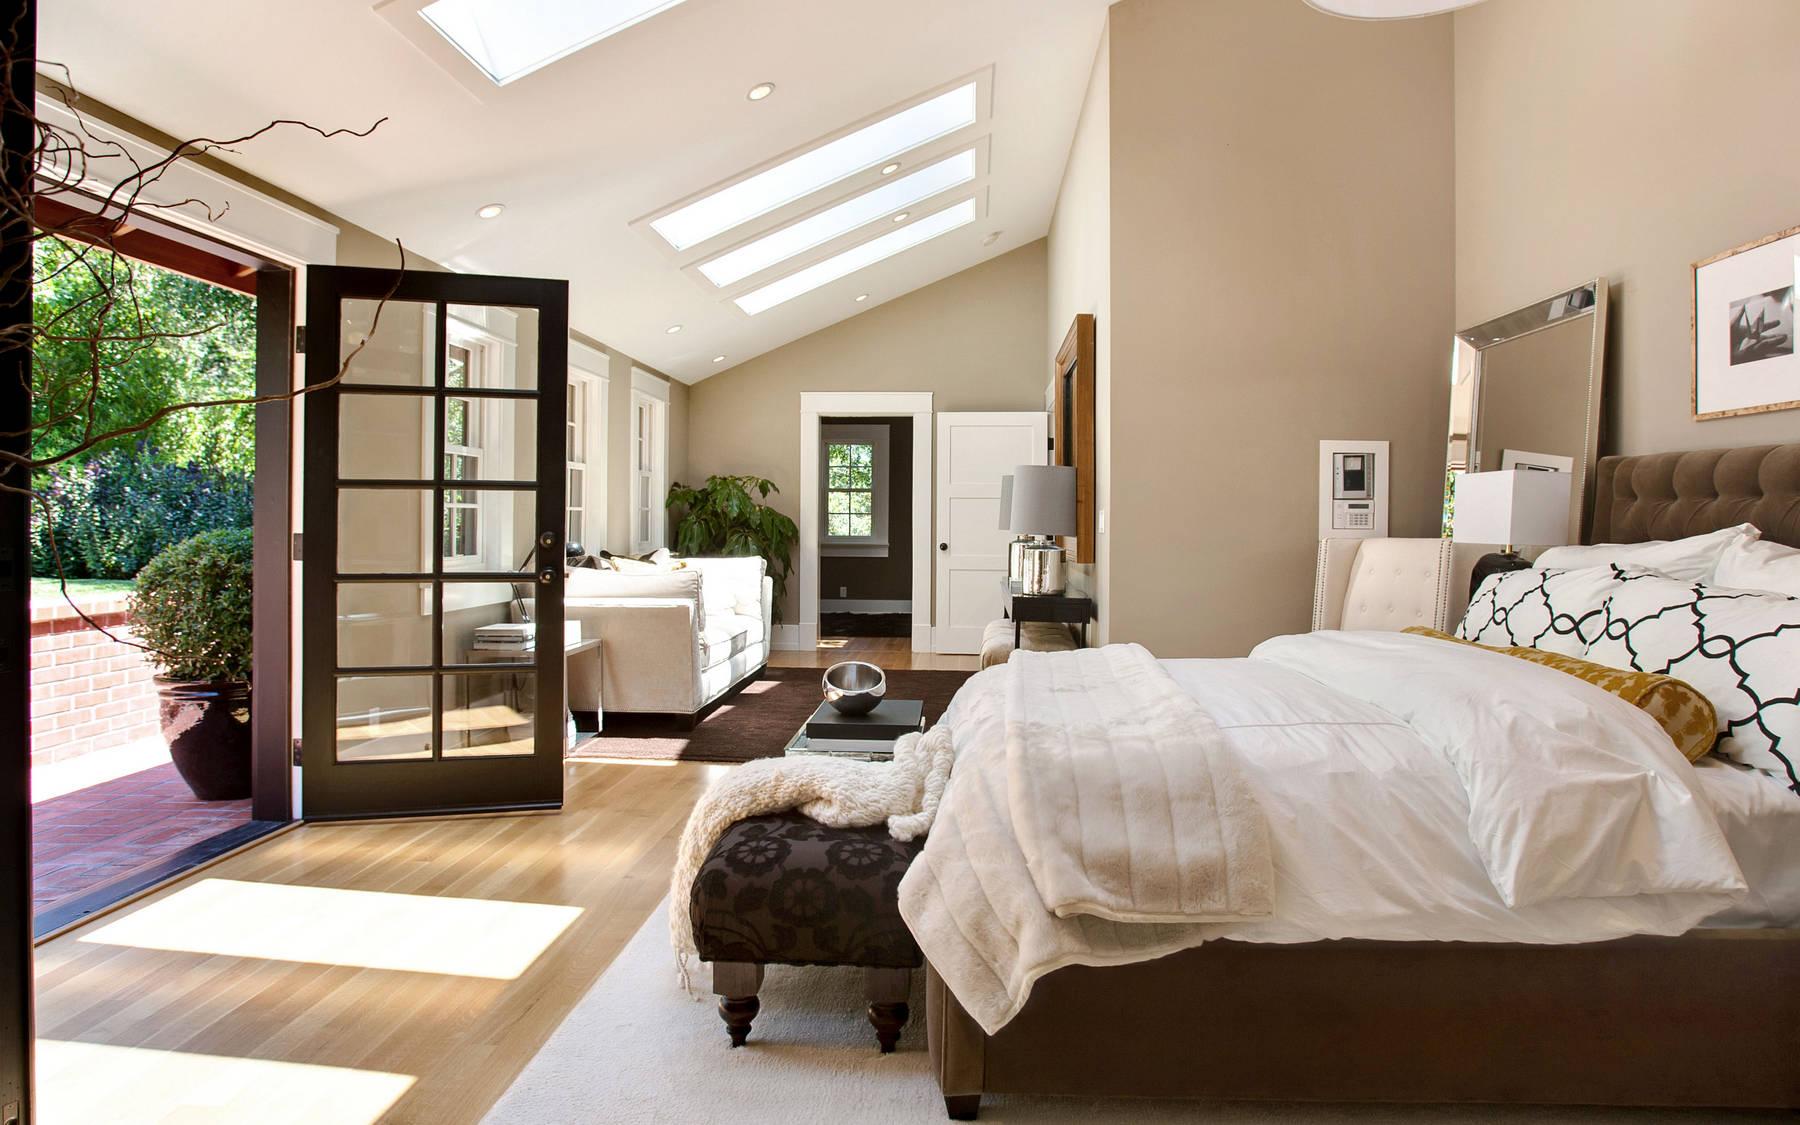 Просторная бежево-коричневая спальня